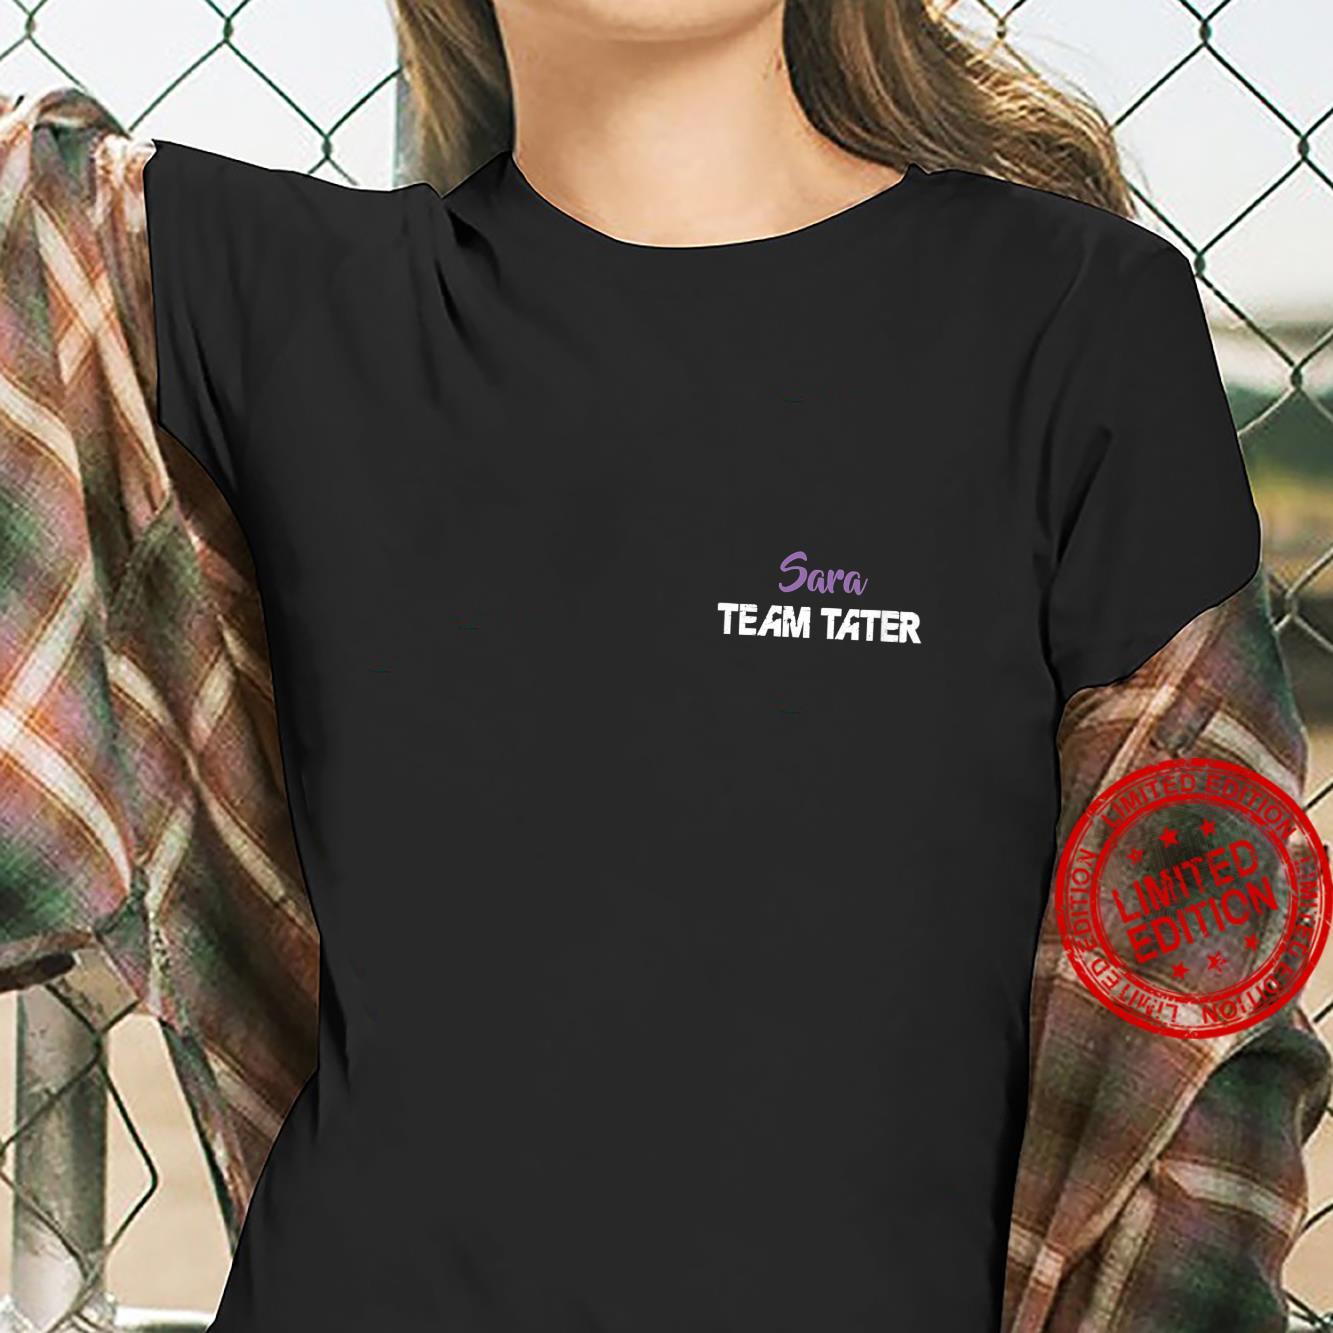 Womens Team Tater Team Name Sara Player Name Shirt ladies tee